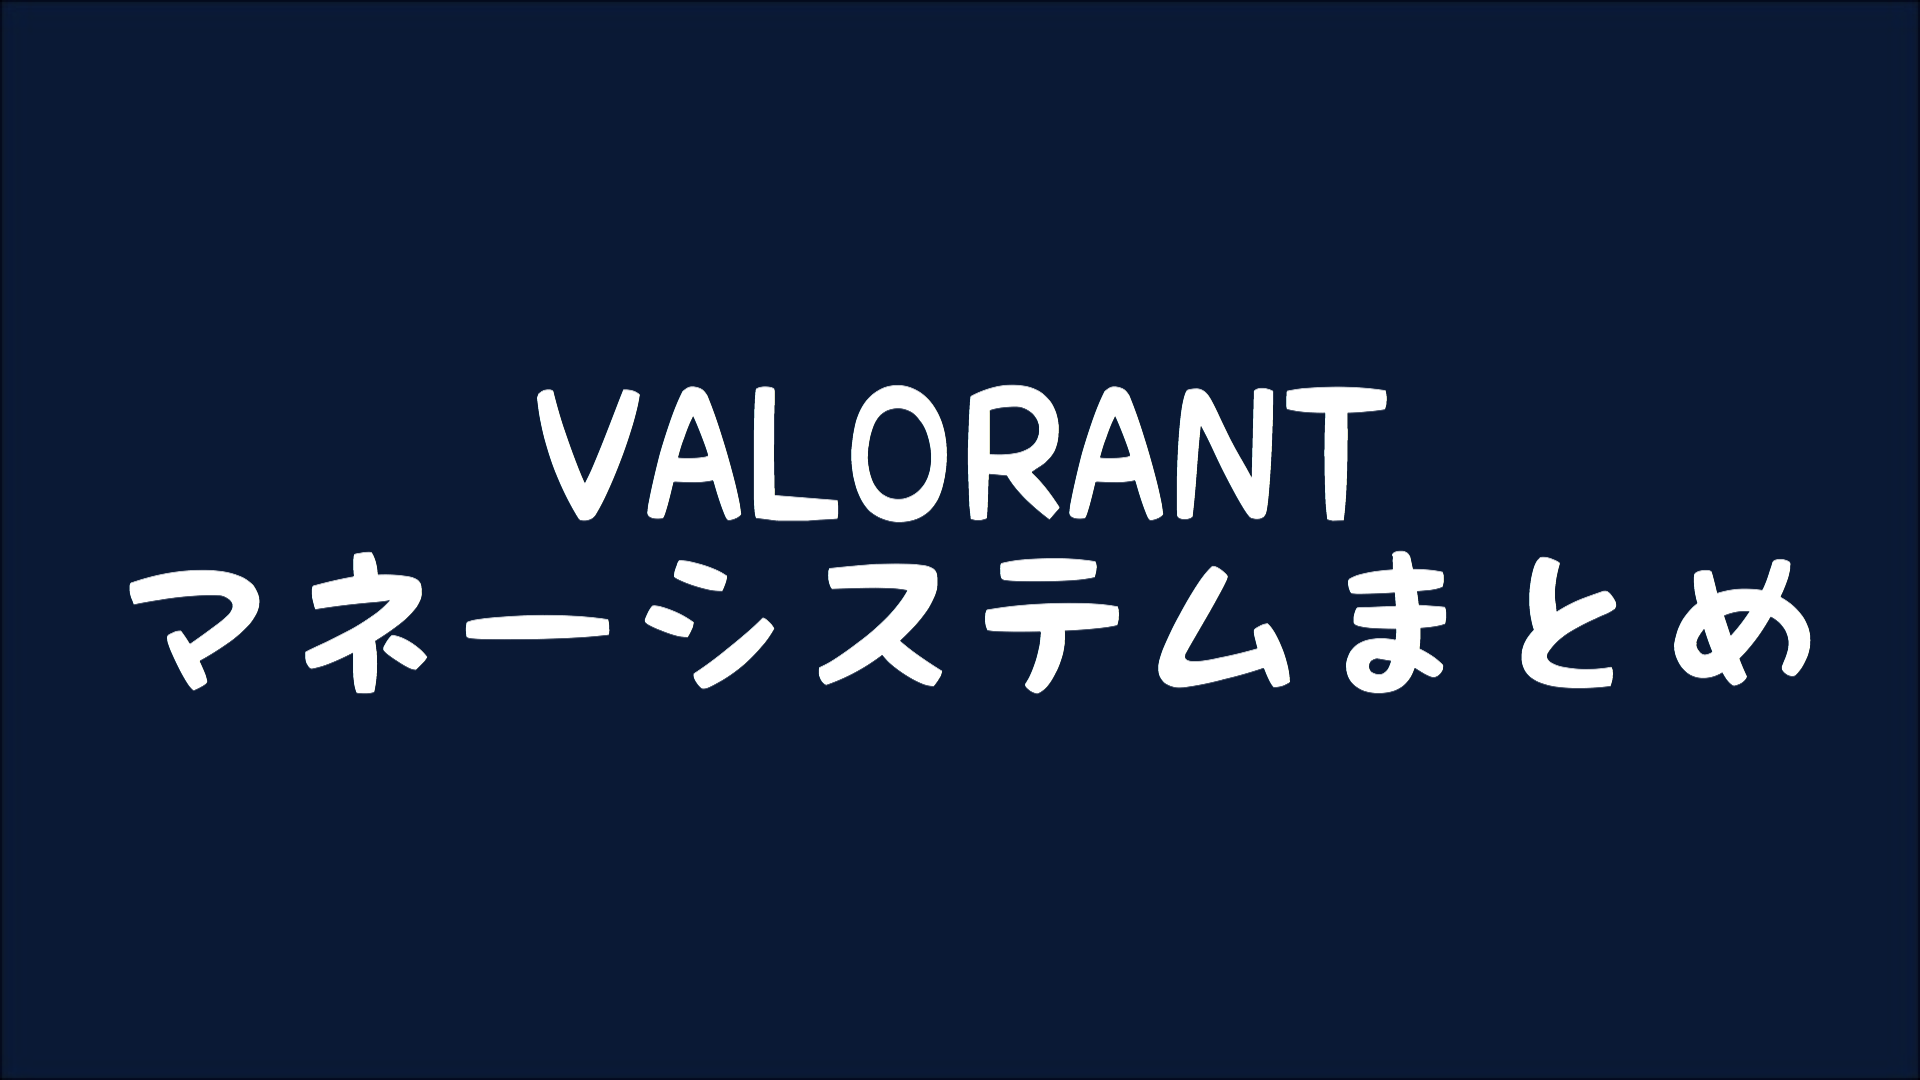 【VALORANT】マネー(クレジット)システムまとめ